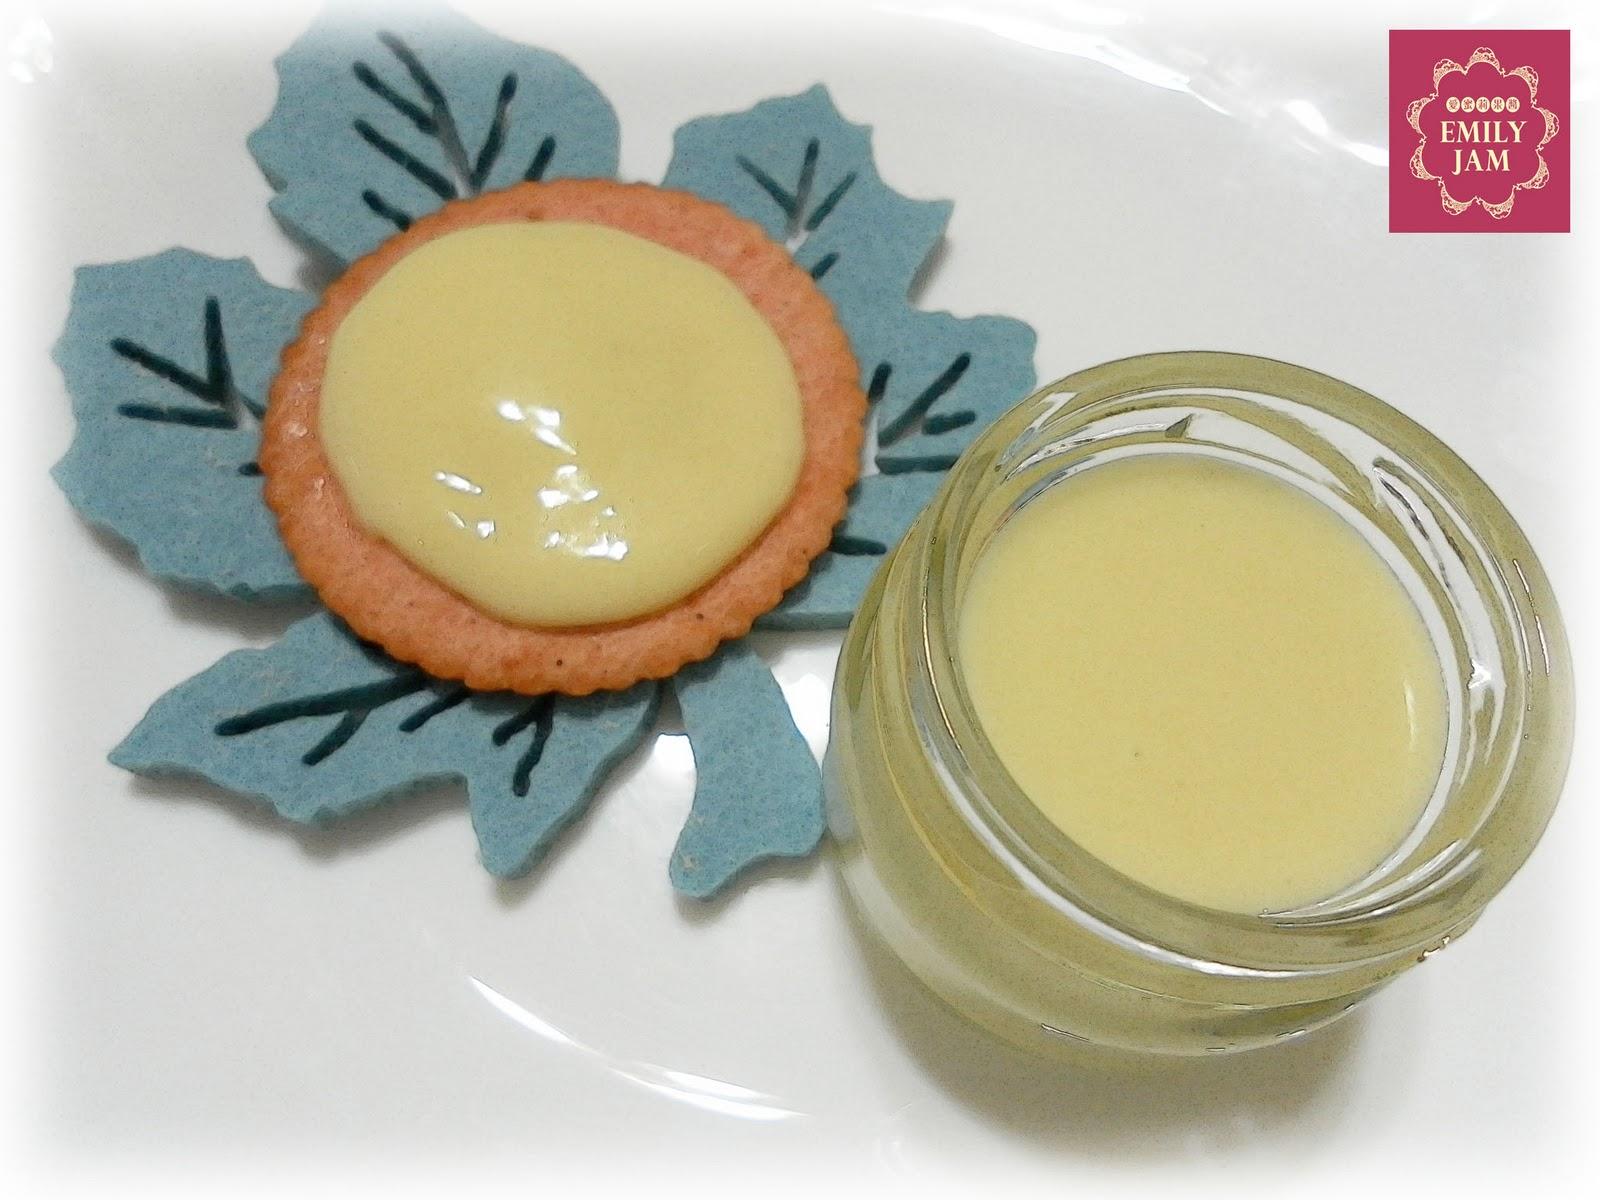 愛蜜莉手工果醬: 英國傳統抹醬~檸檬蛋黃醬(暫缺)